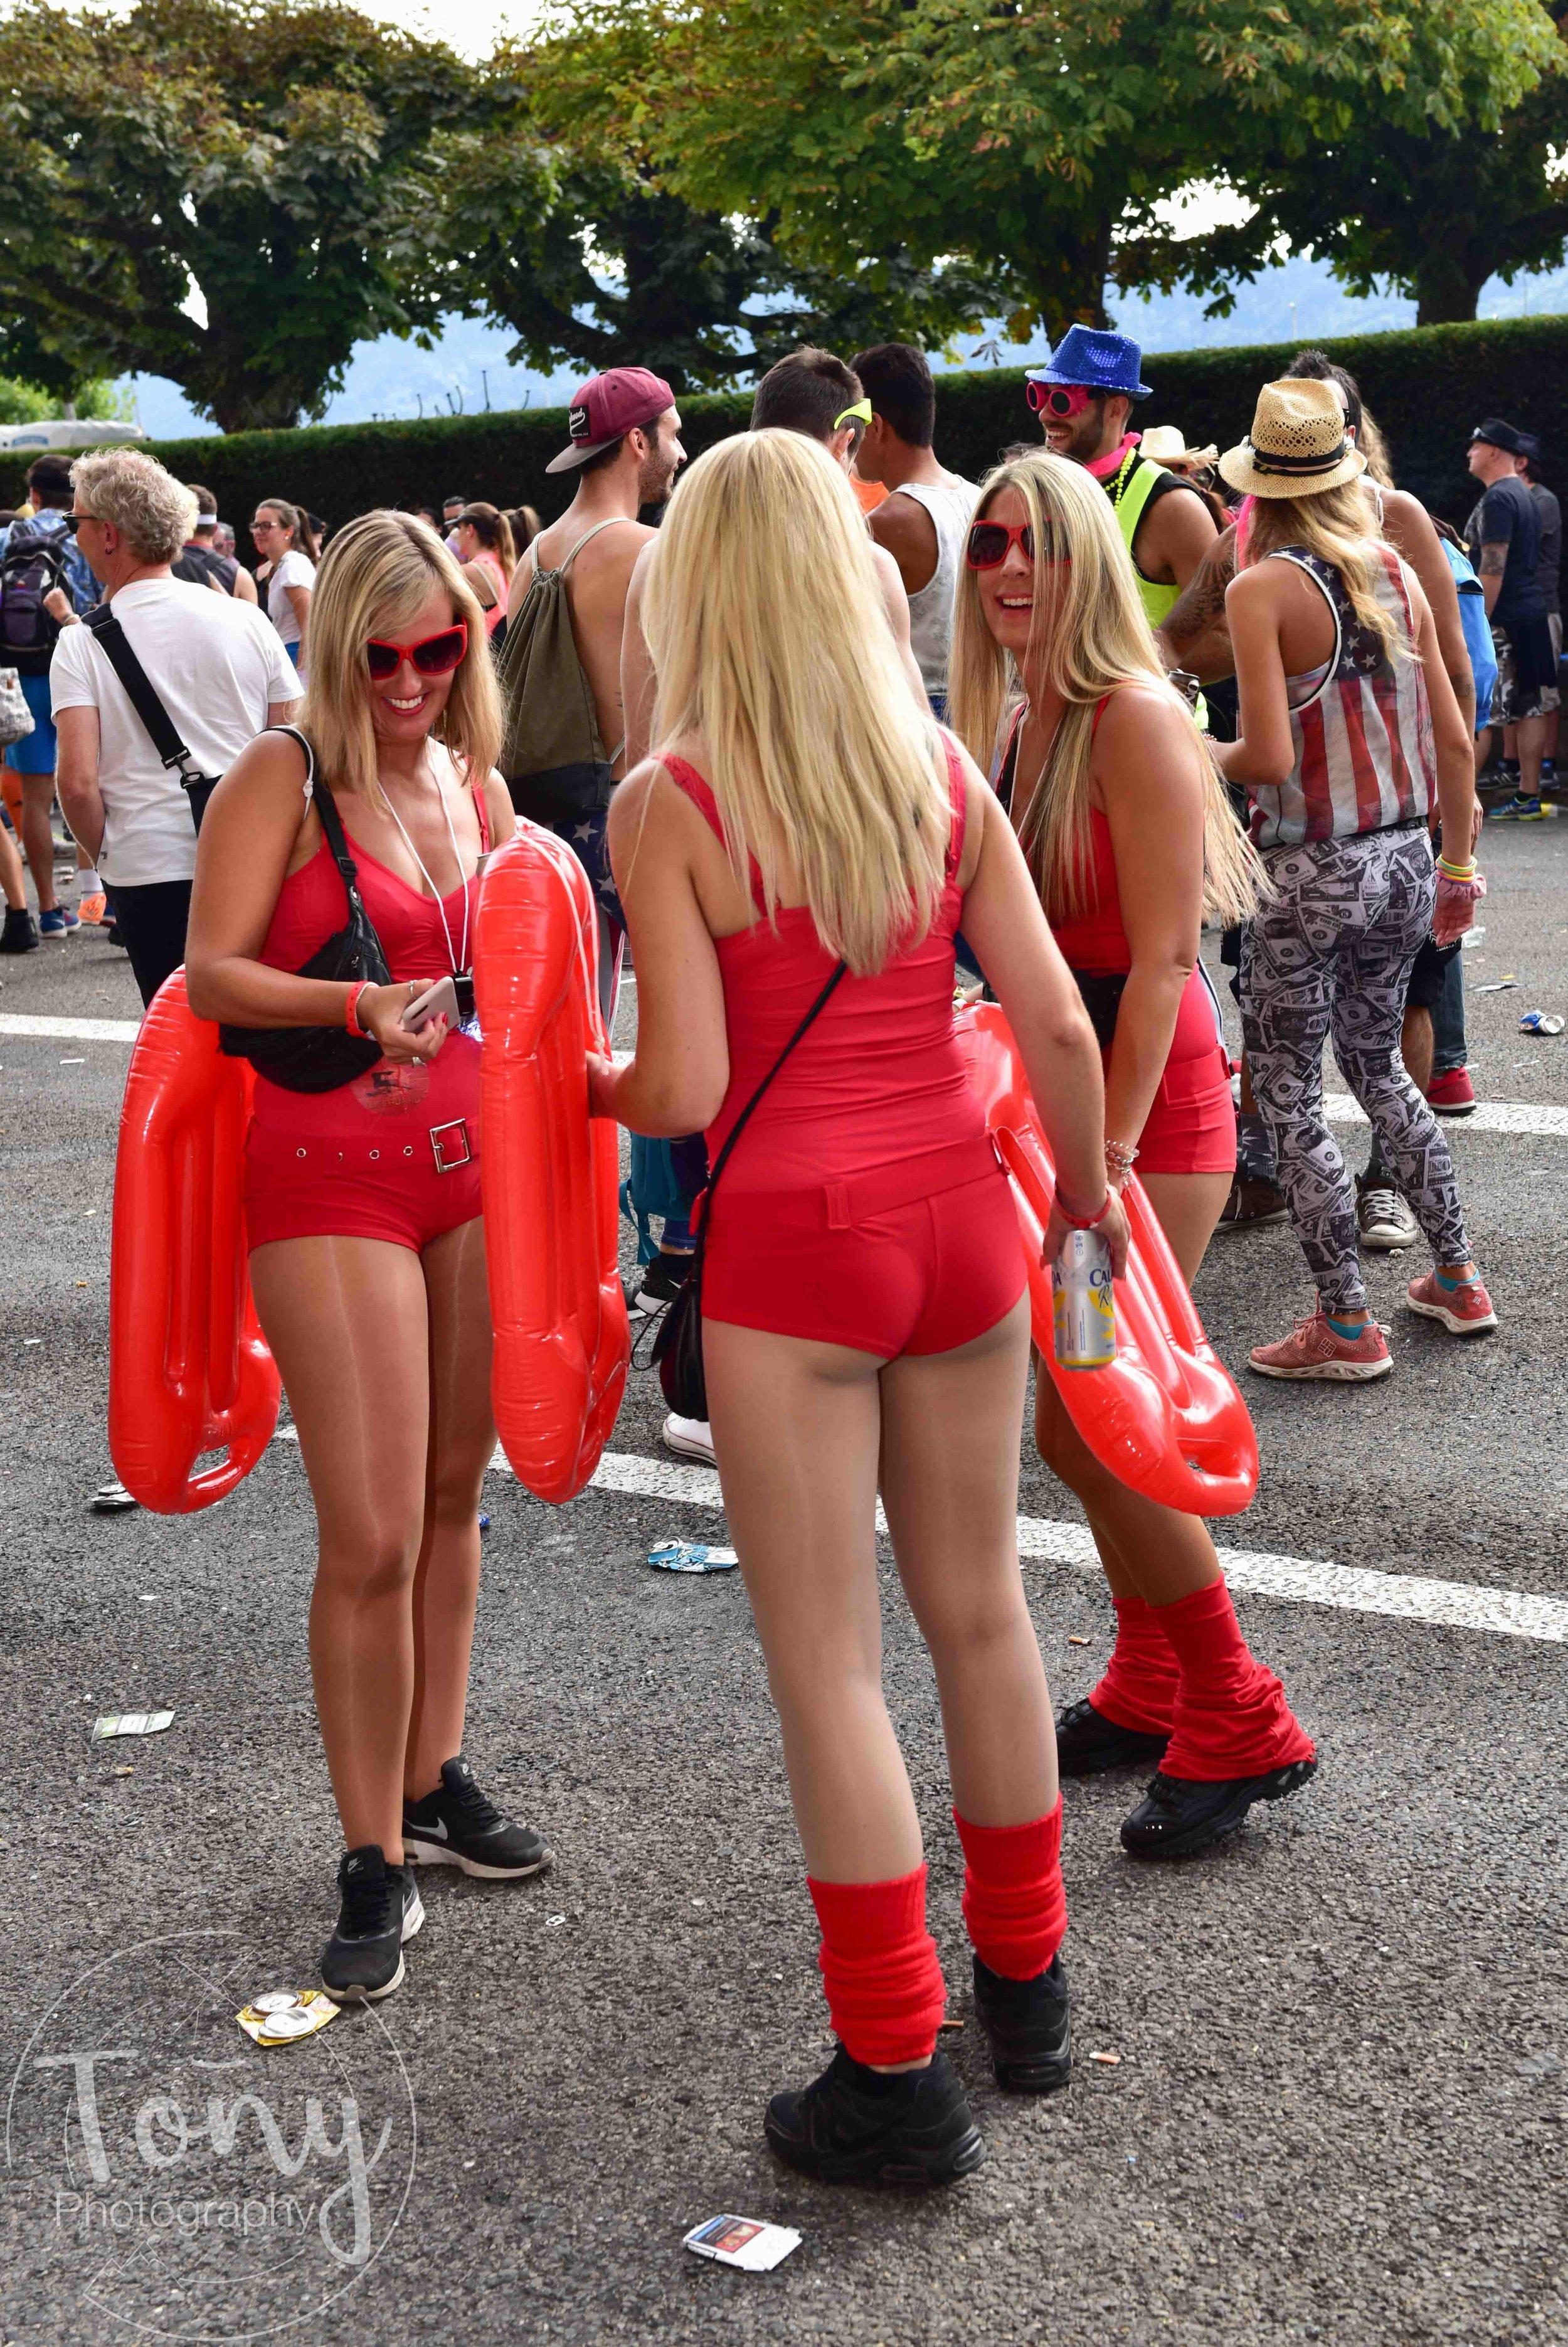 streetparade-177.jpg